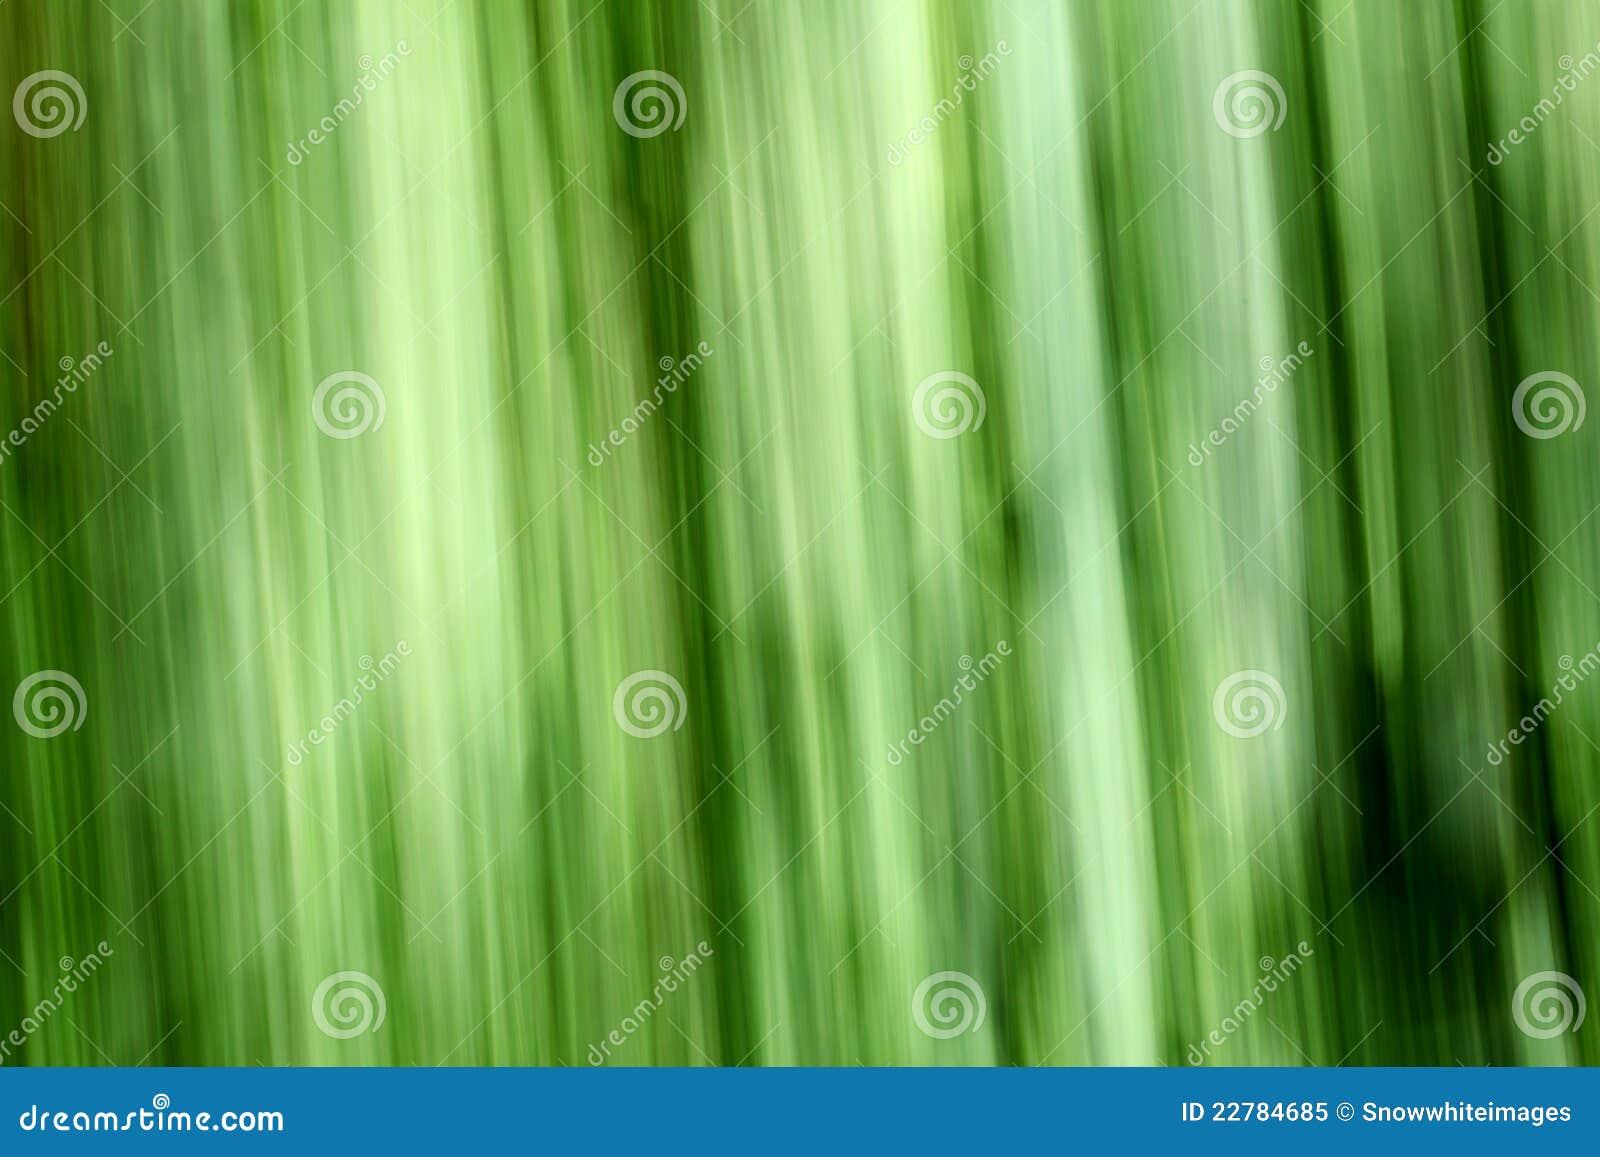 Πράσινη θολωμένη ανασκόπηση